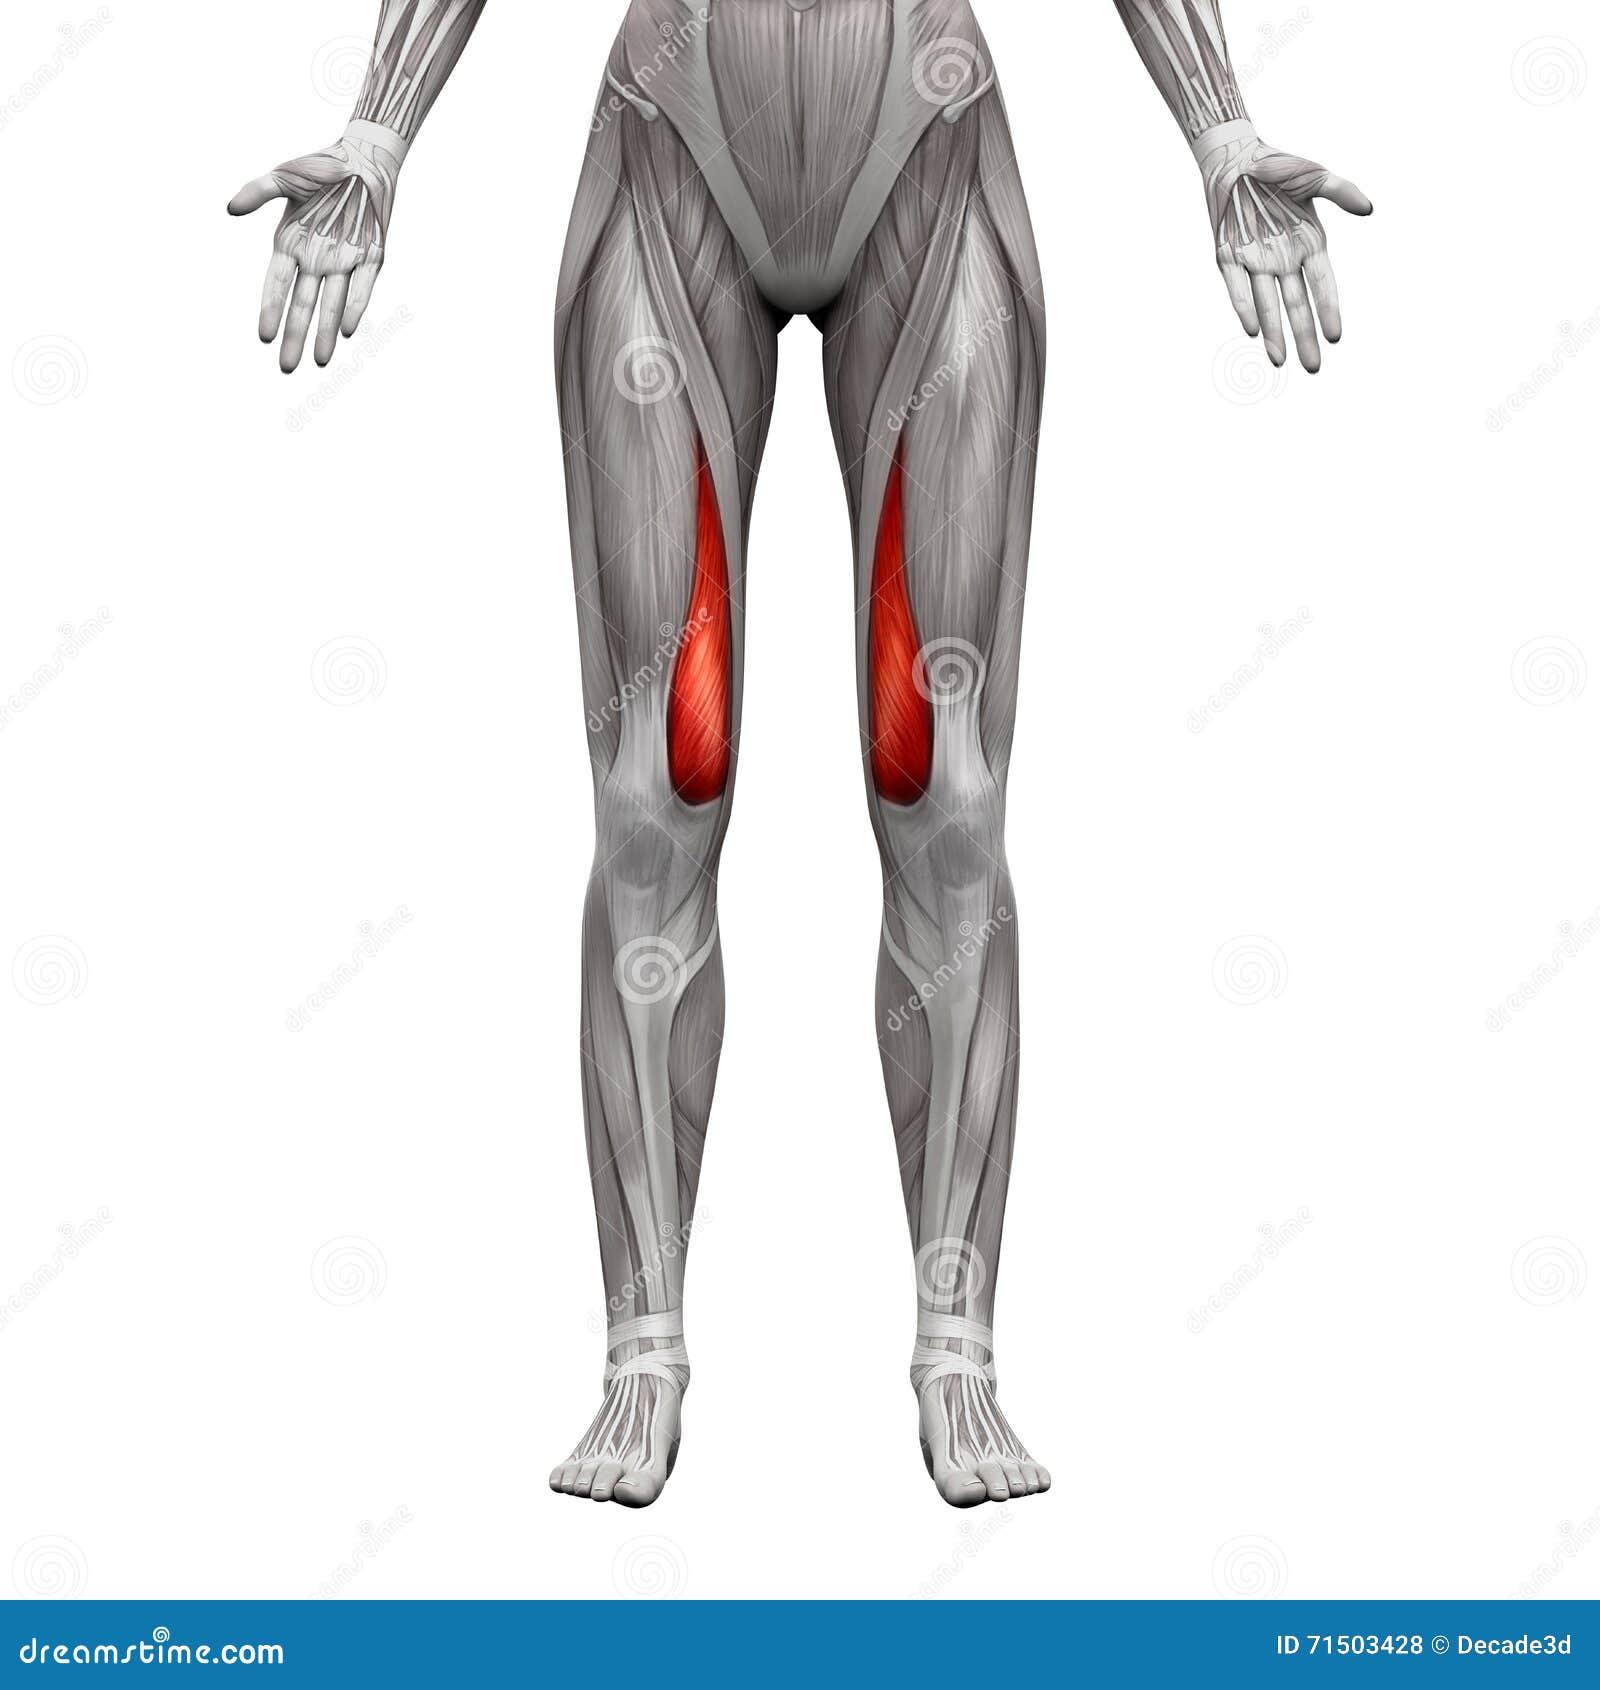 Vastus Medialis-Muskel - Anatomie-Muskeln lokalisiert auf weiß- 3D